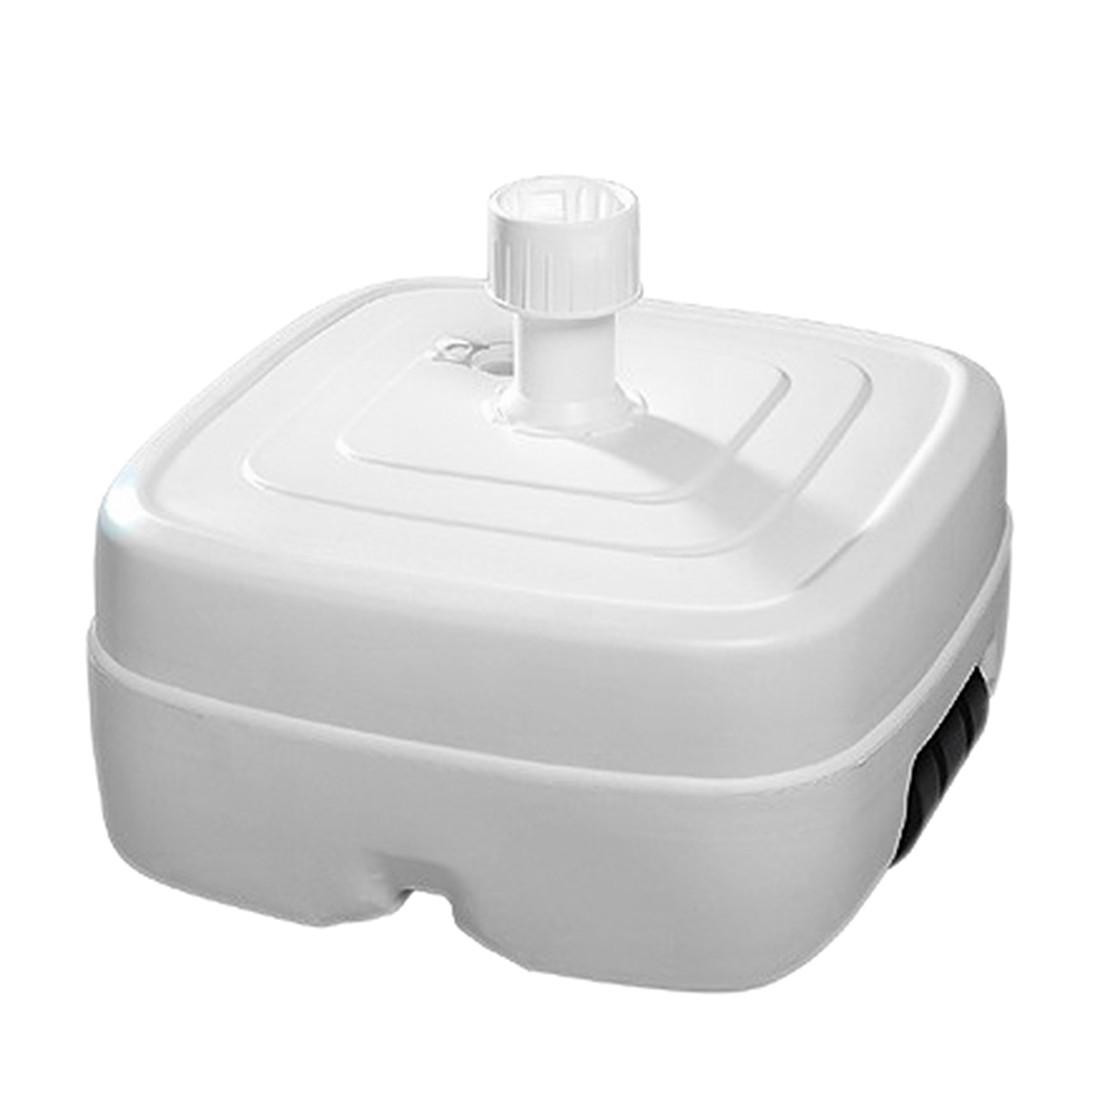 Home 24 - Pied pe (38 -55 mm) - plastique blanc, schneider schirme